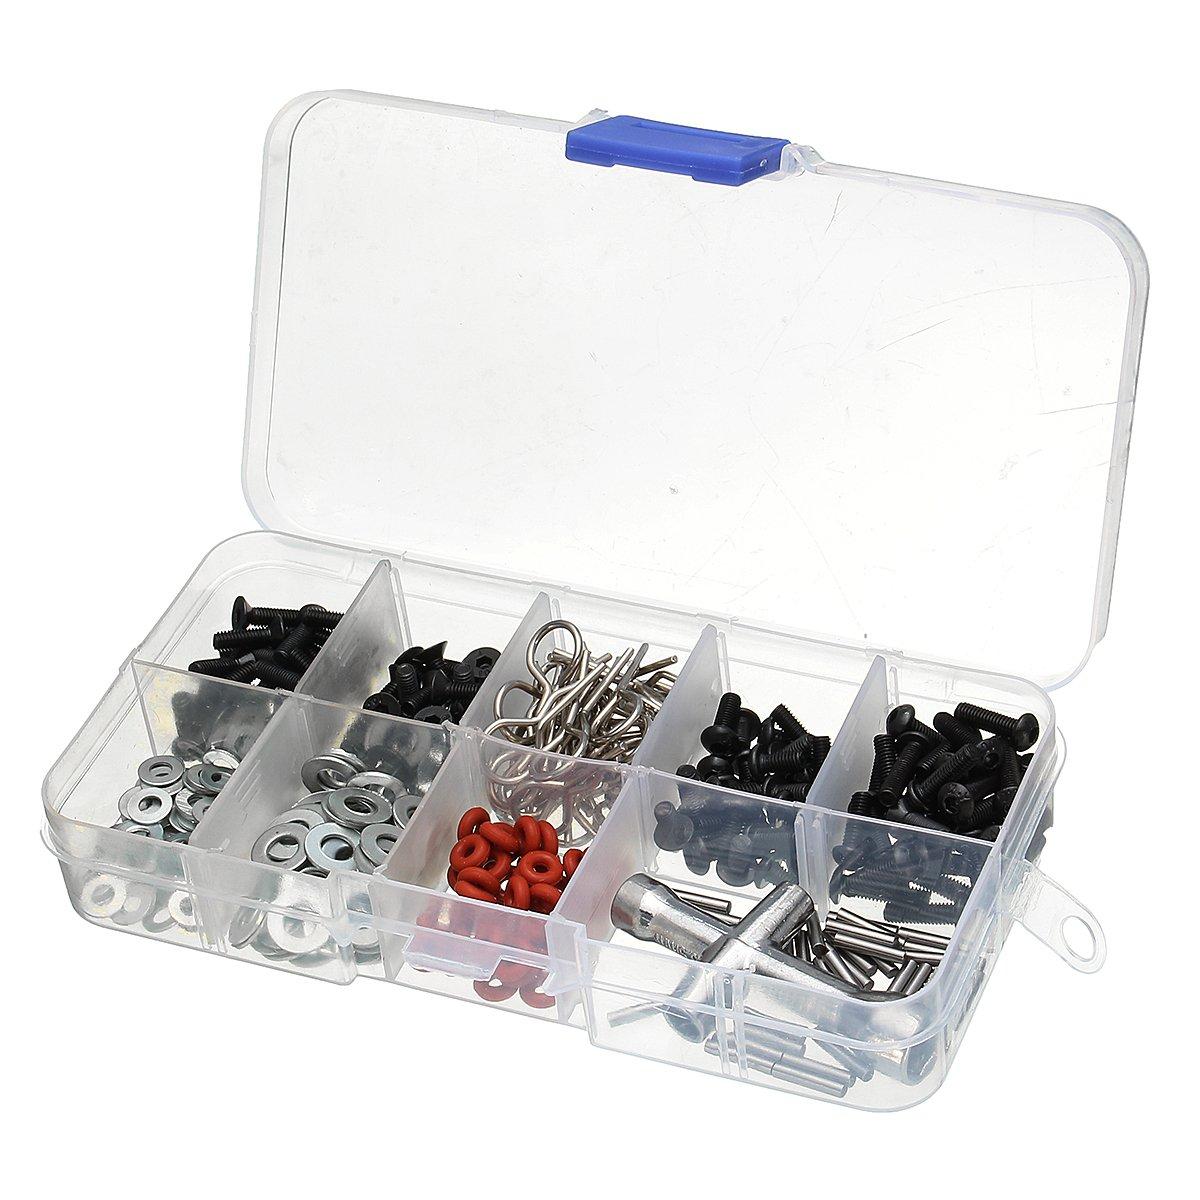 JCHUNL 270 stücke Schrauben Box Sechskantschlüssel Sechskantschlüssel Sechskantschlüssel Repair Tool Kit für 1 10 HSP RC Auto DIY New Hot B07QJWC5DN | Deutschland Shops  dbd5f4